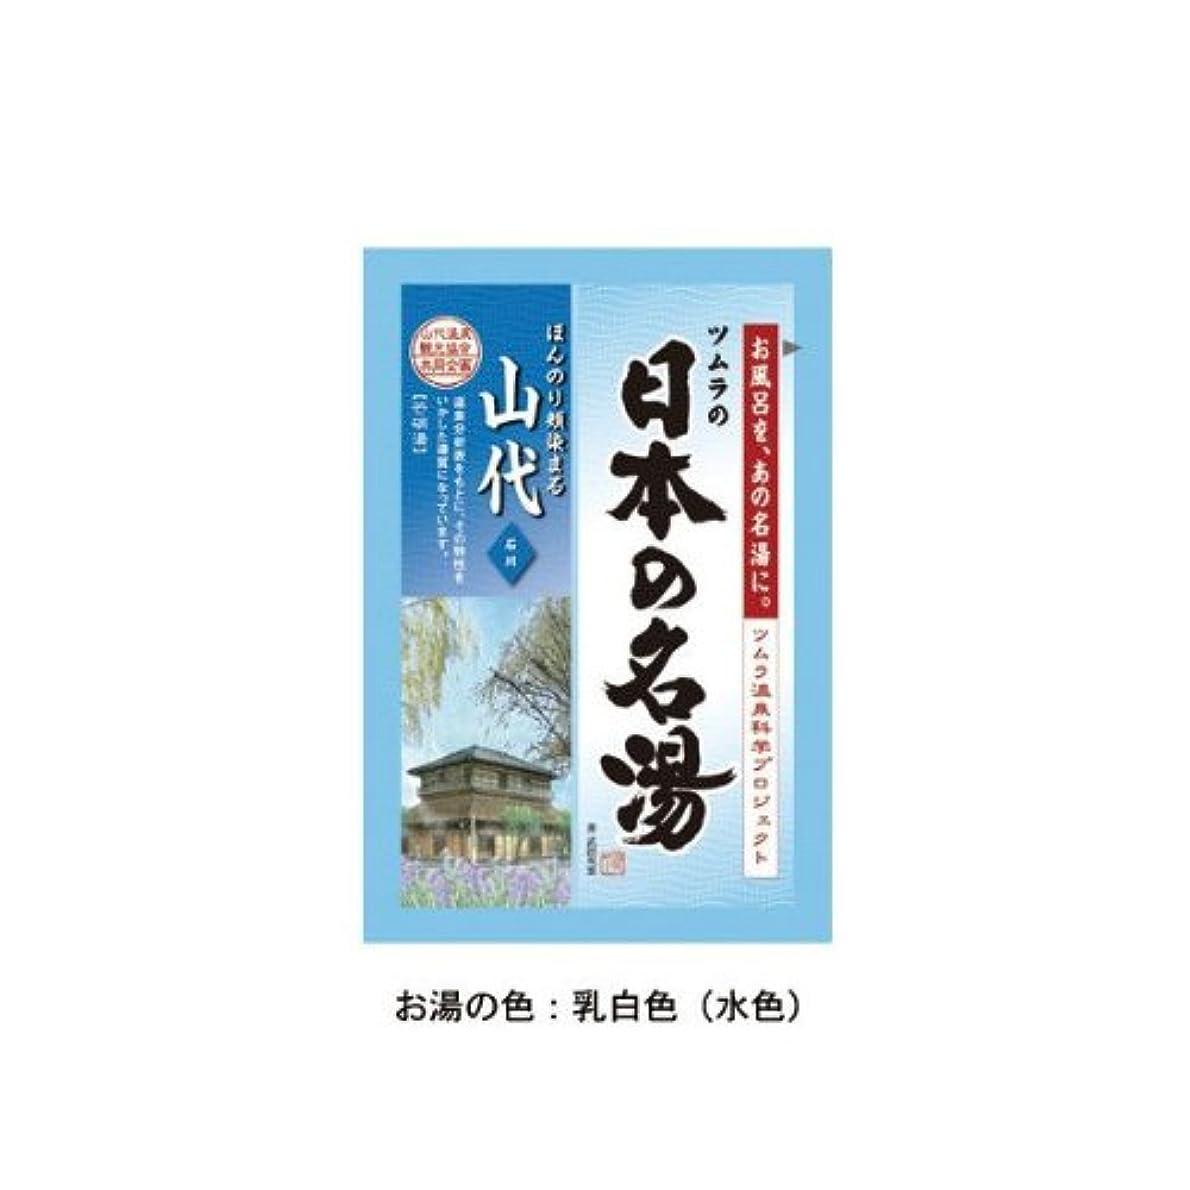 結晶農学シリングツムラの日本の名湯 山代